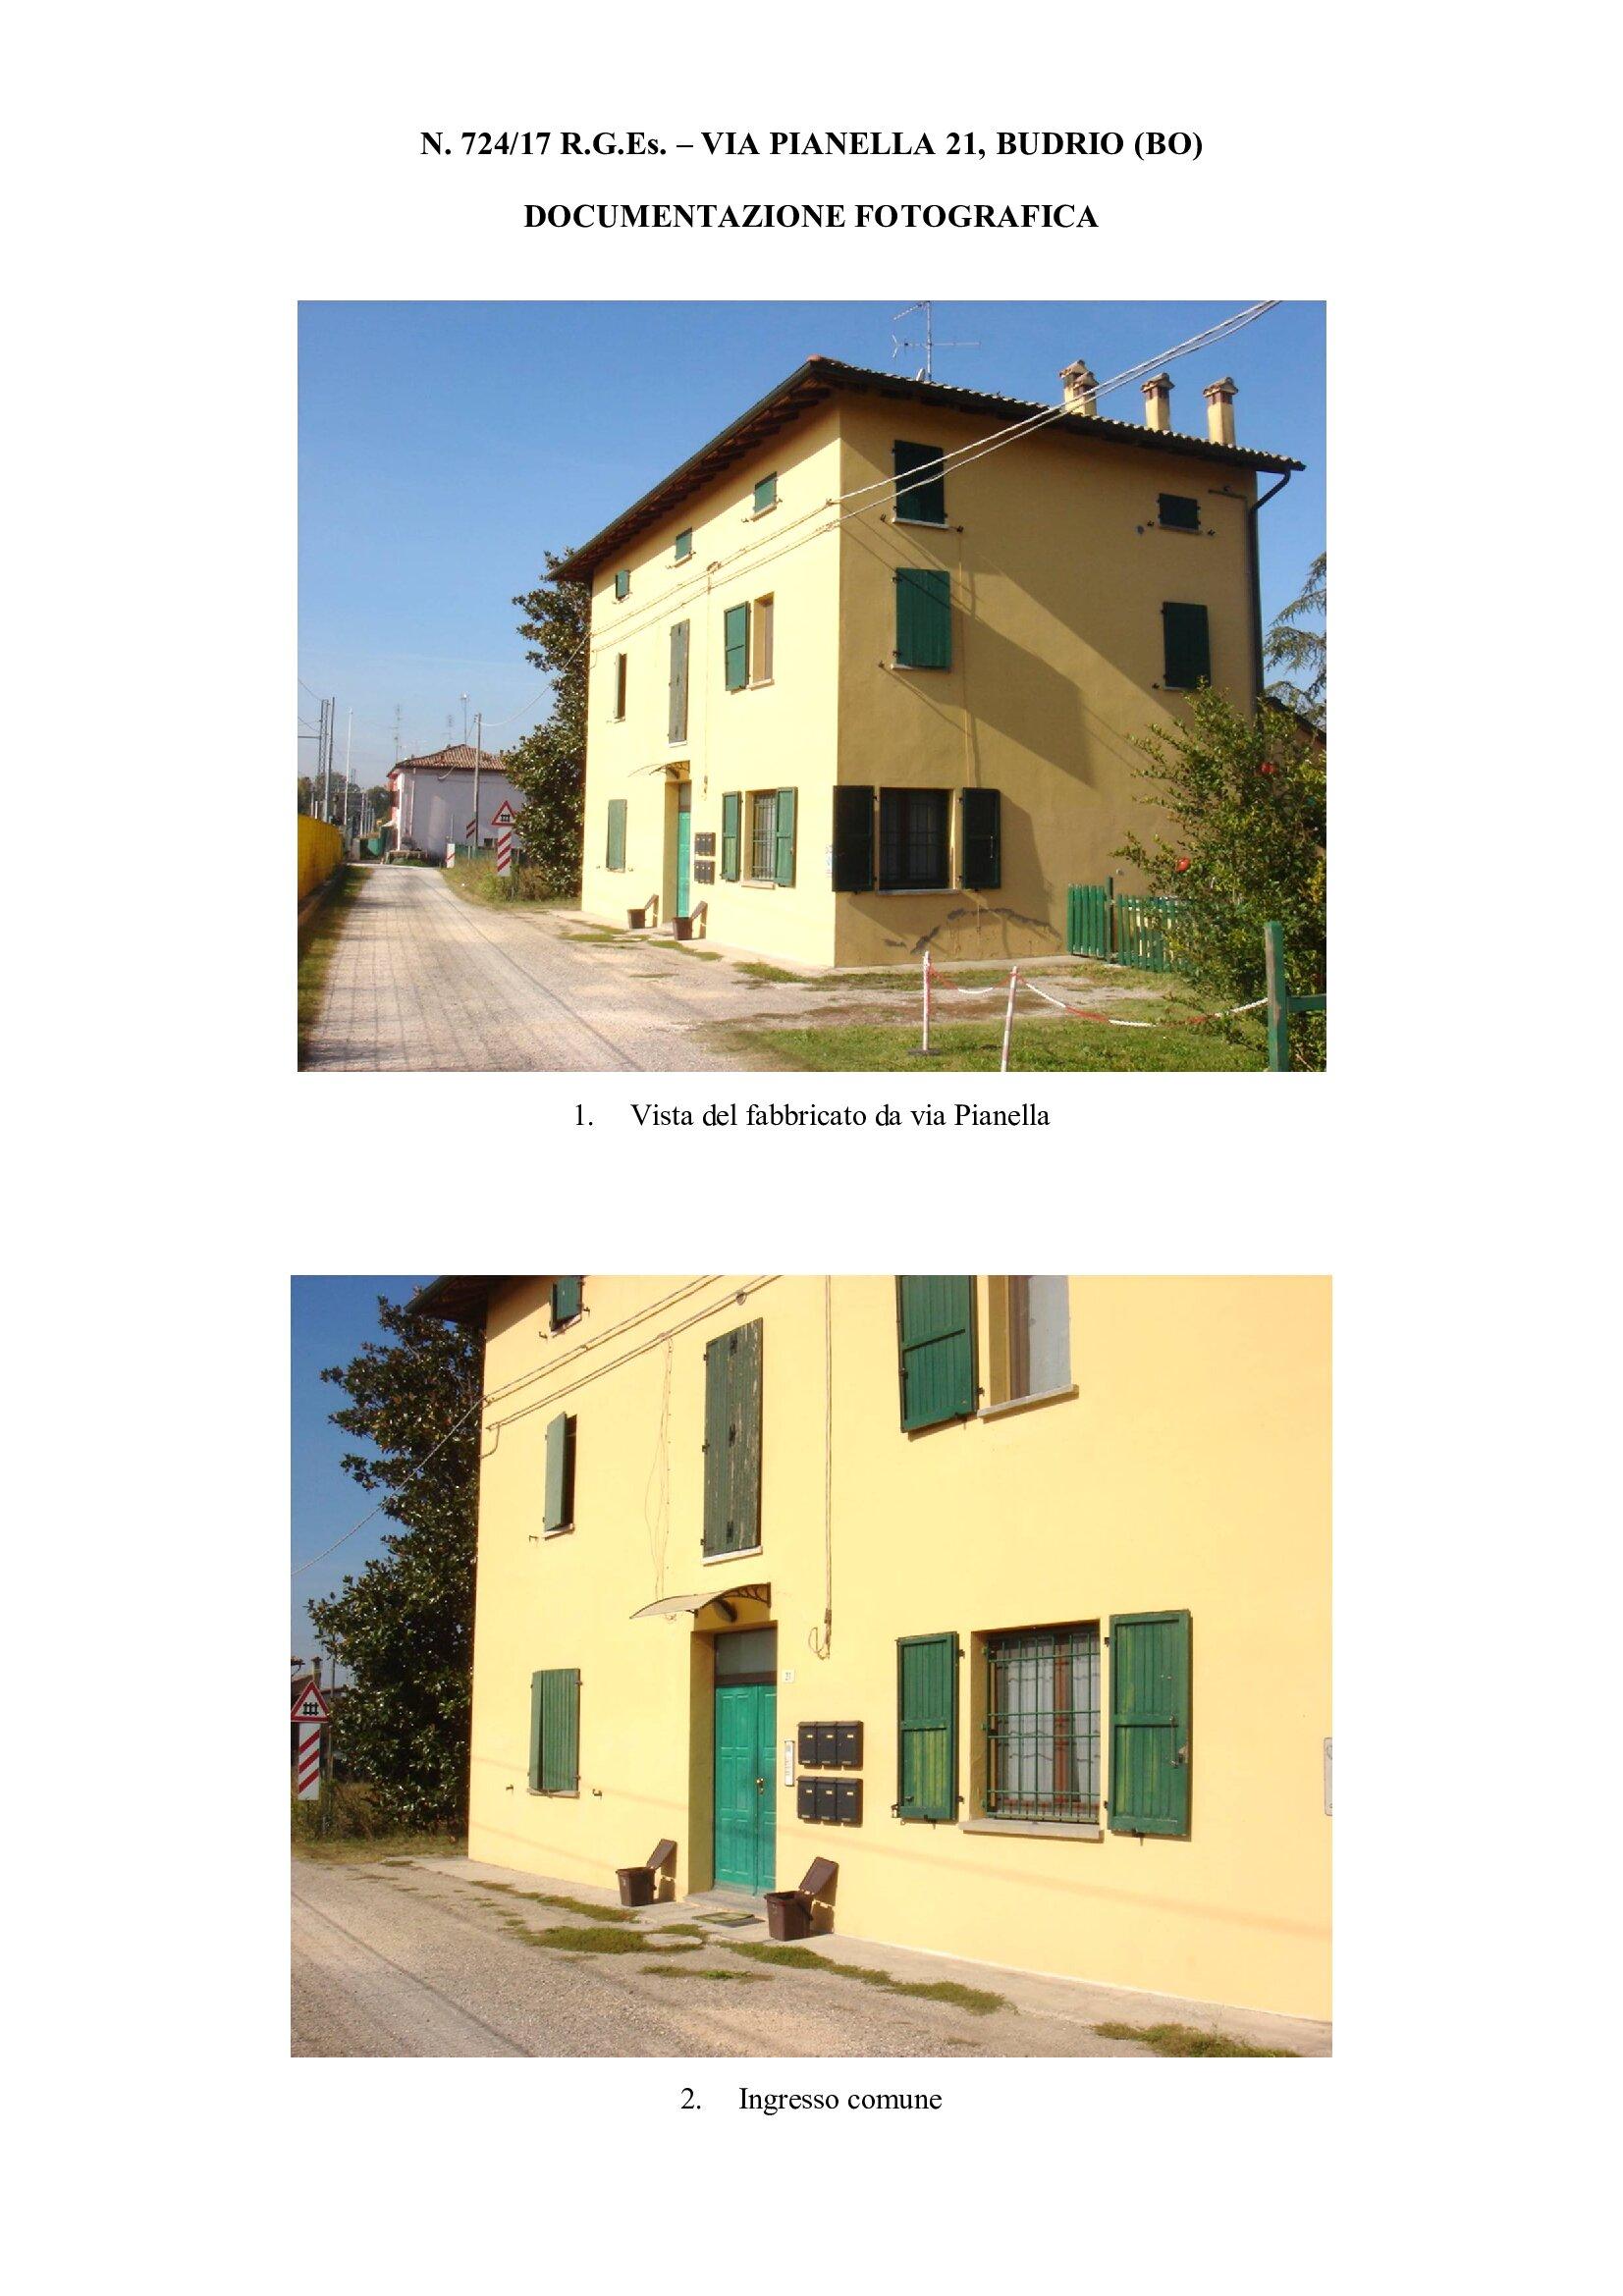 Monolocale monolocale in vendita a Budrio (BO)